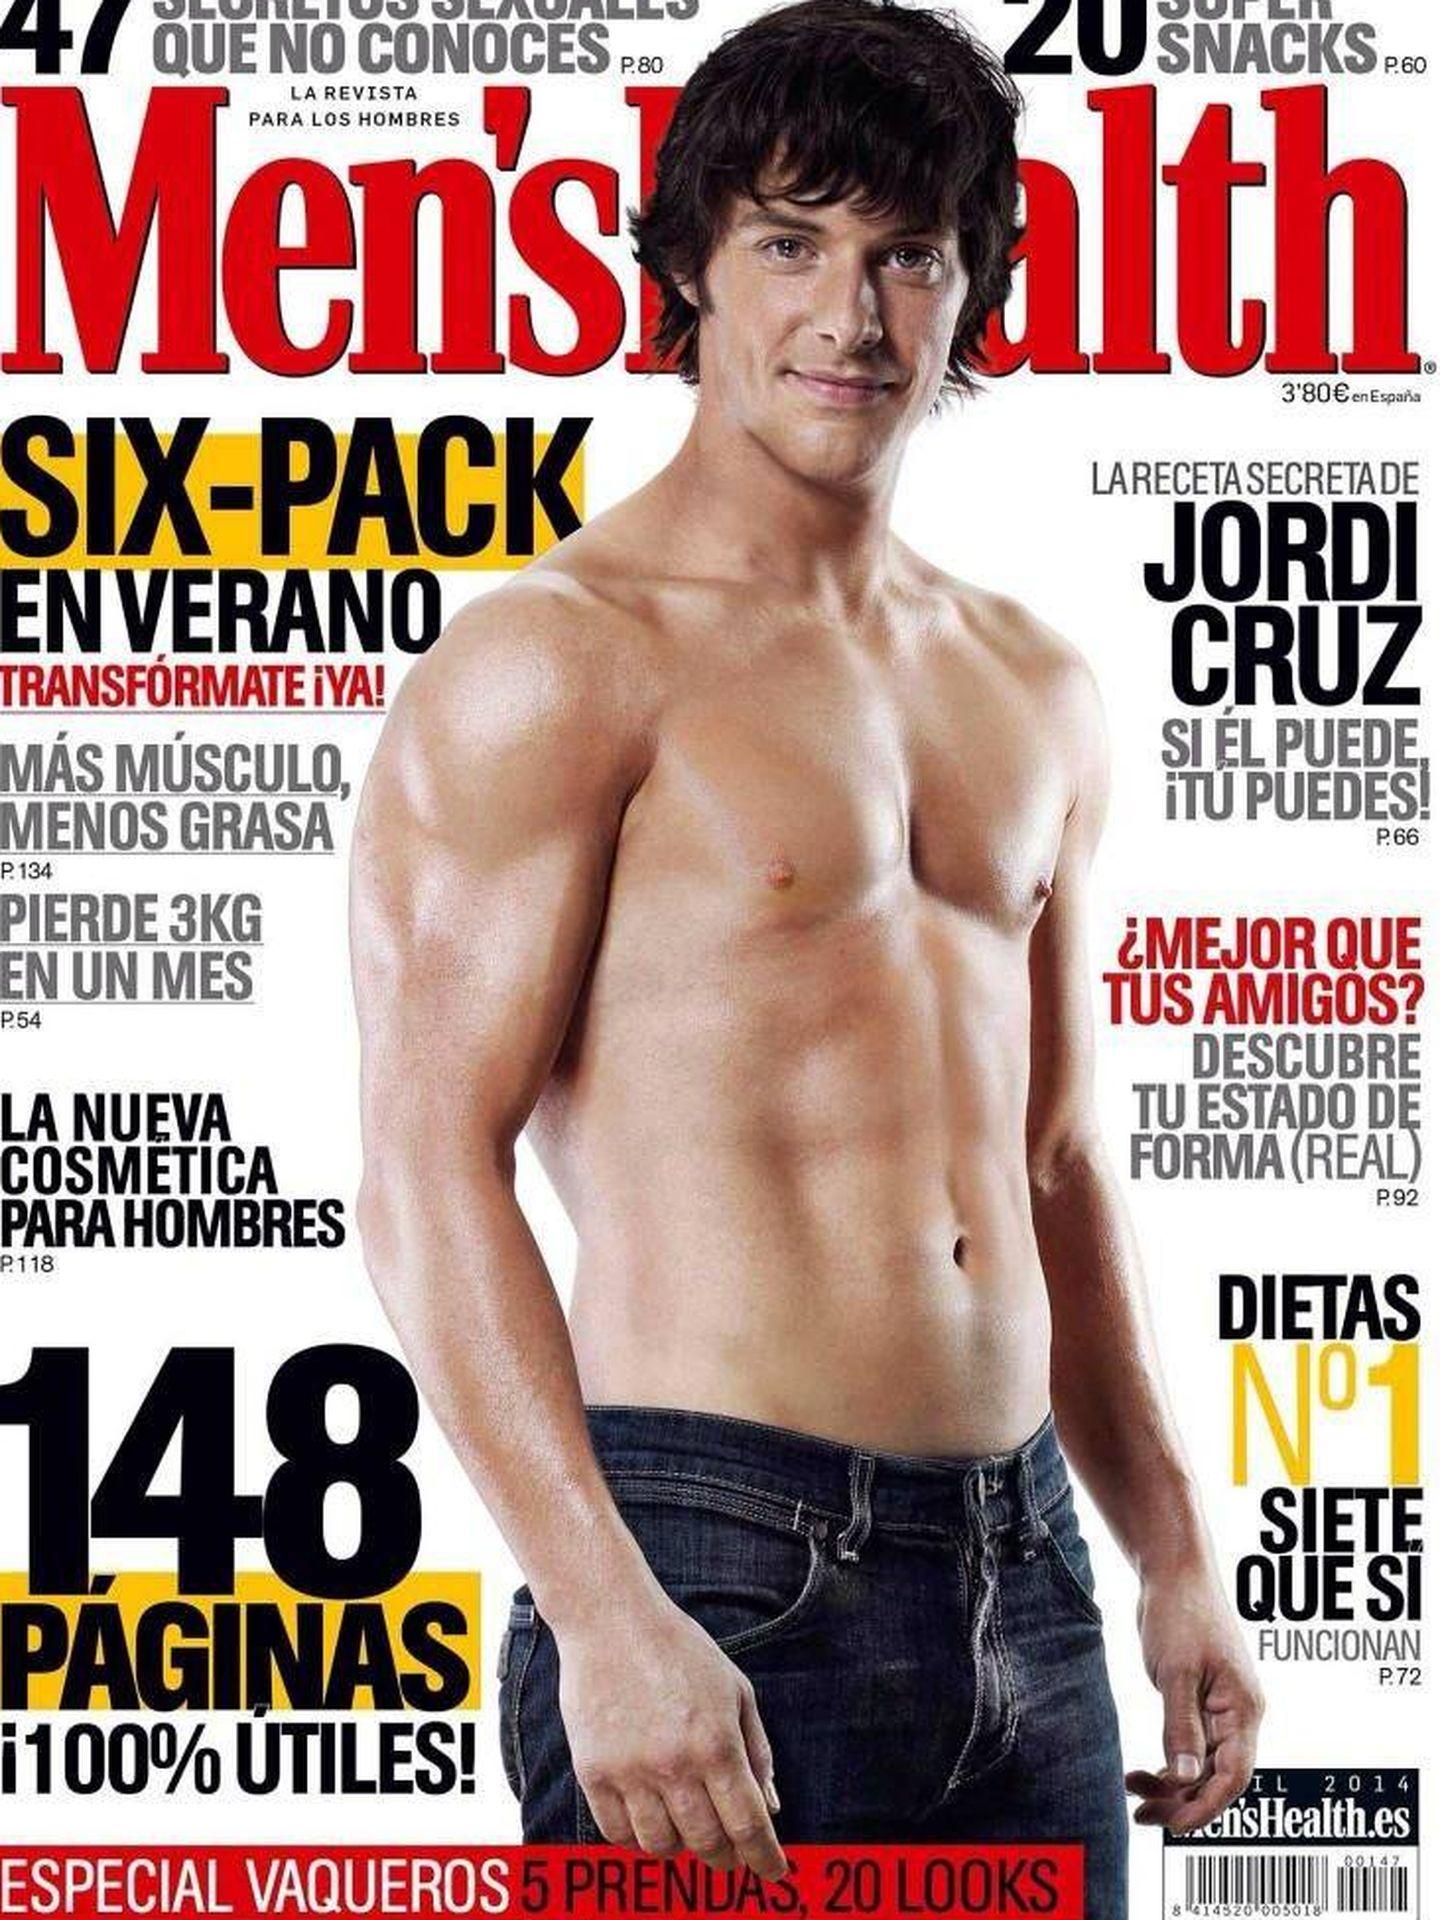 Jordi Cruz, en forma. (MH)